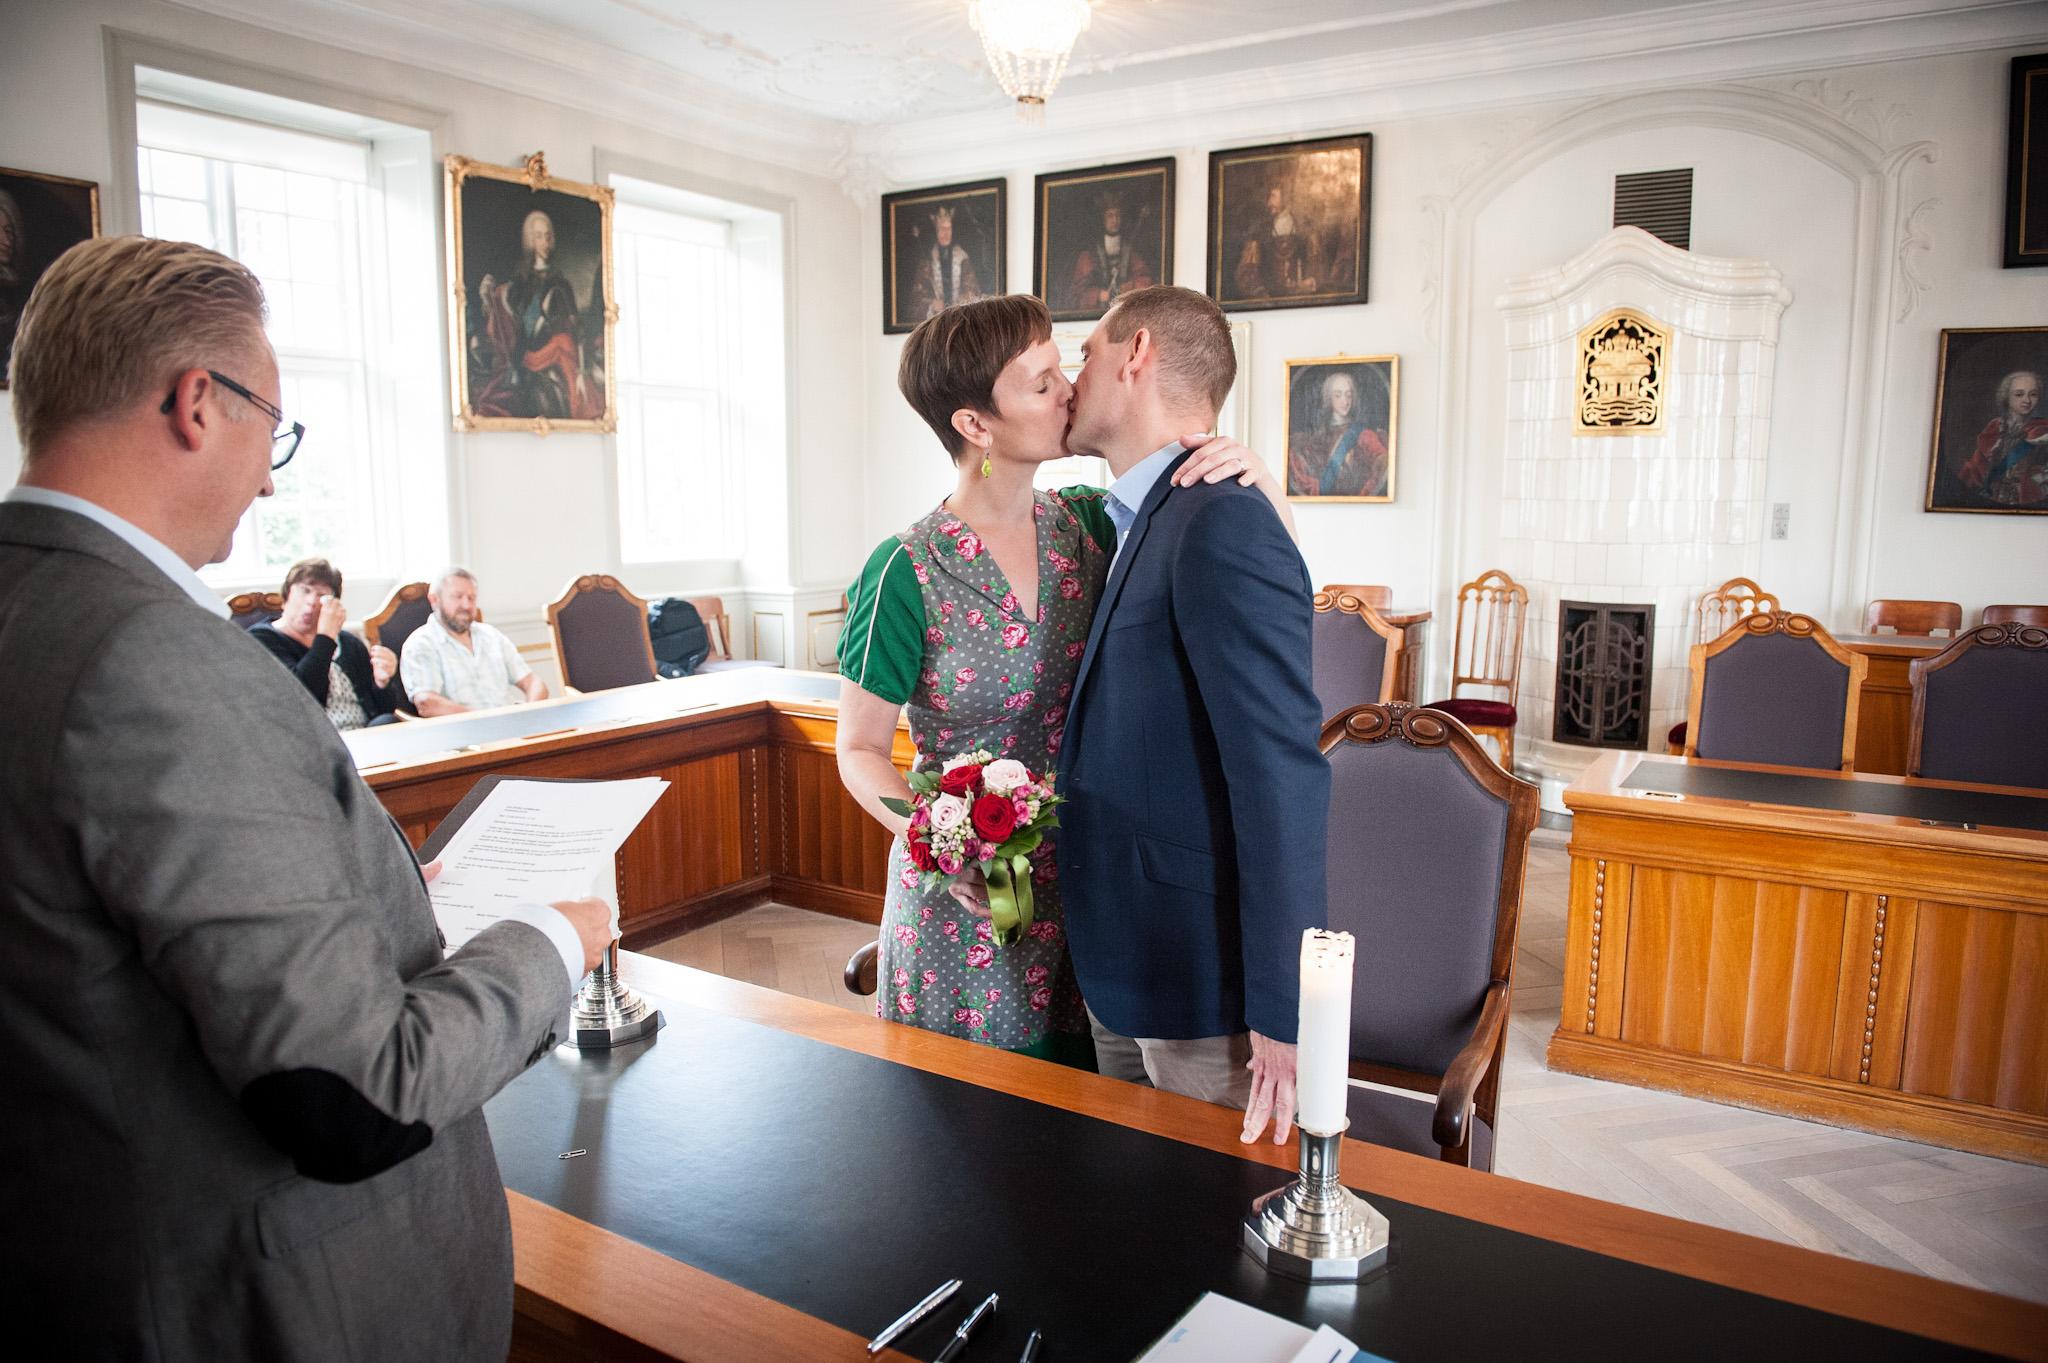 Bryllup_VibekePedersen_5